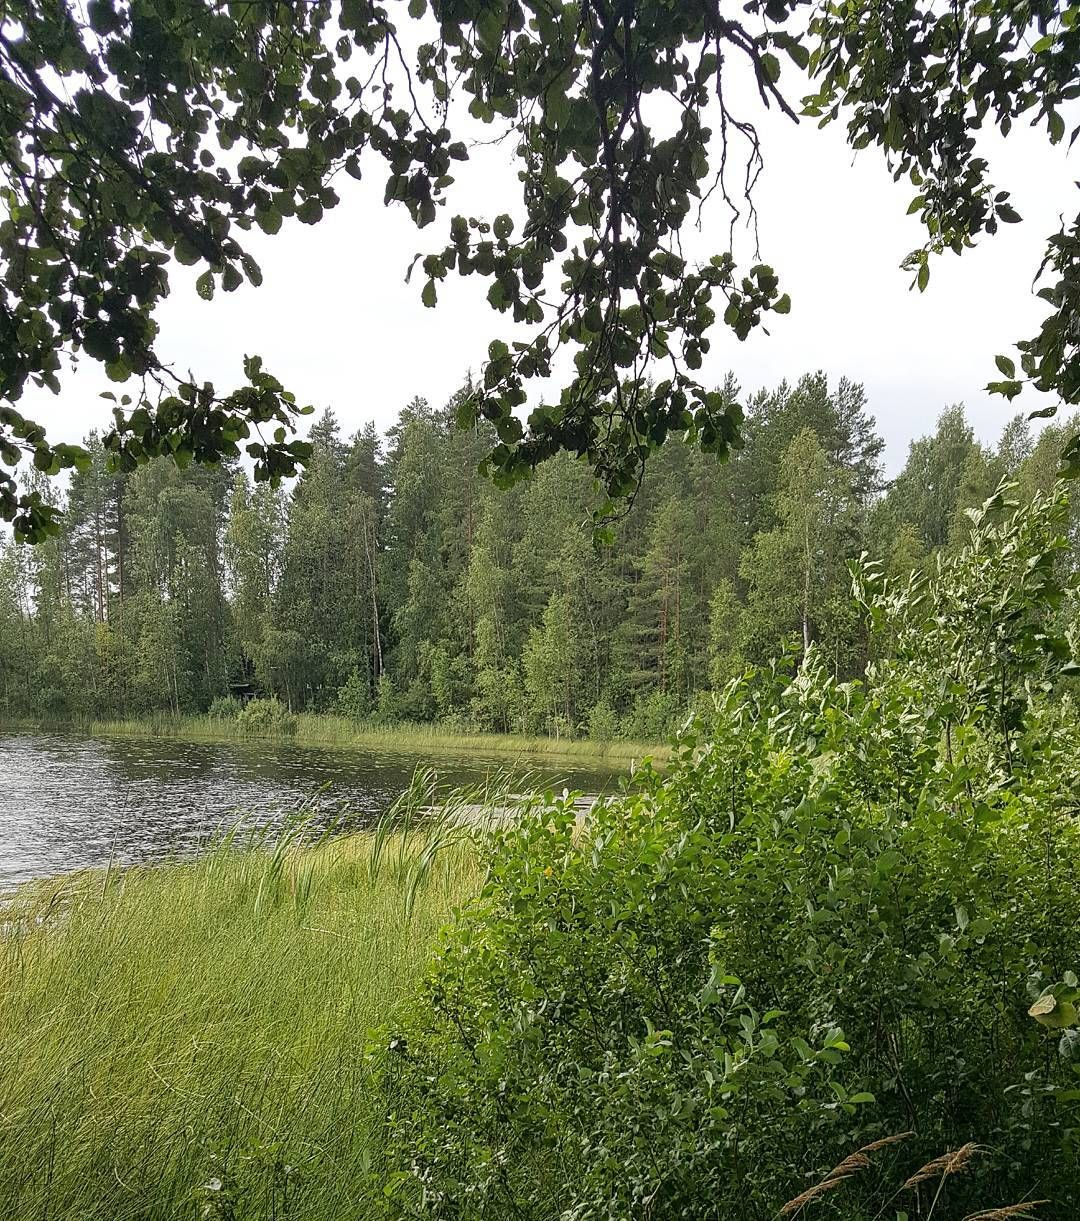 Elokuu ja tuulessa tulevan sateen tuoksu  #elokuu #august #kesä #summer #summerinfinland #seasonsoffinland #luonto #nature #naturelover #landscape  #vieläonkesääjäljellä #lifestyleblogger #nelkytplusblogit #åblogit #ladyofthemess